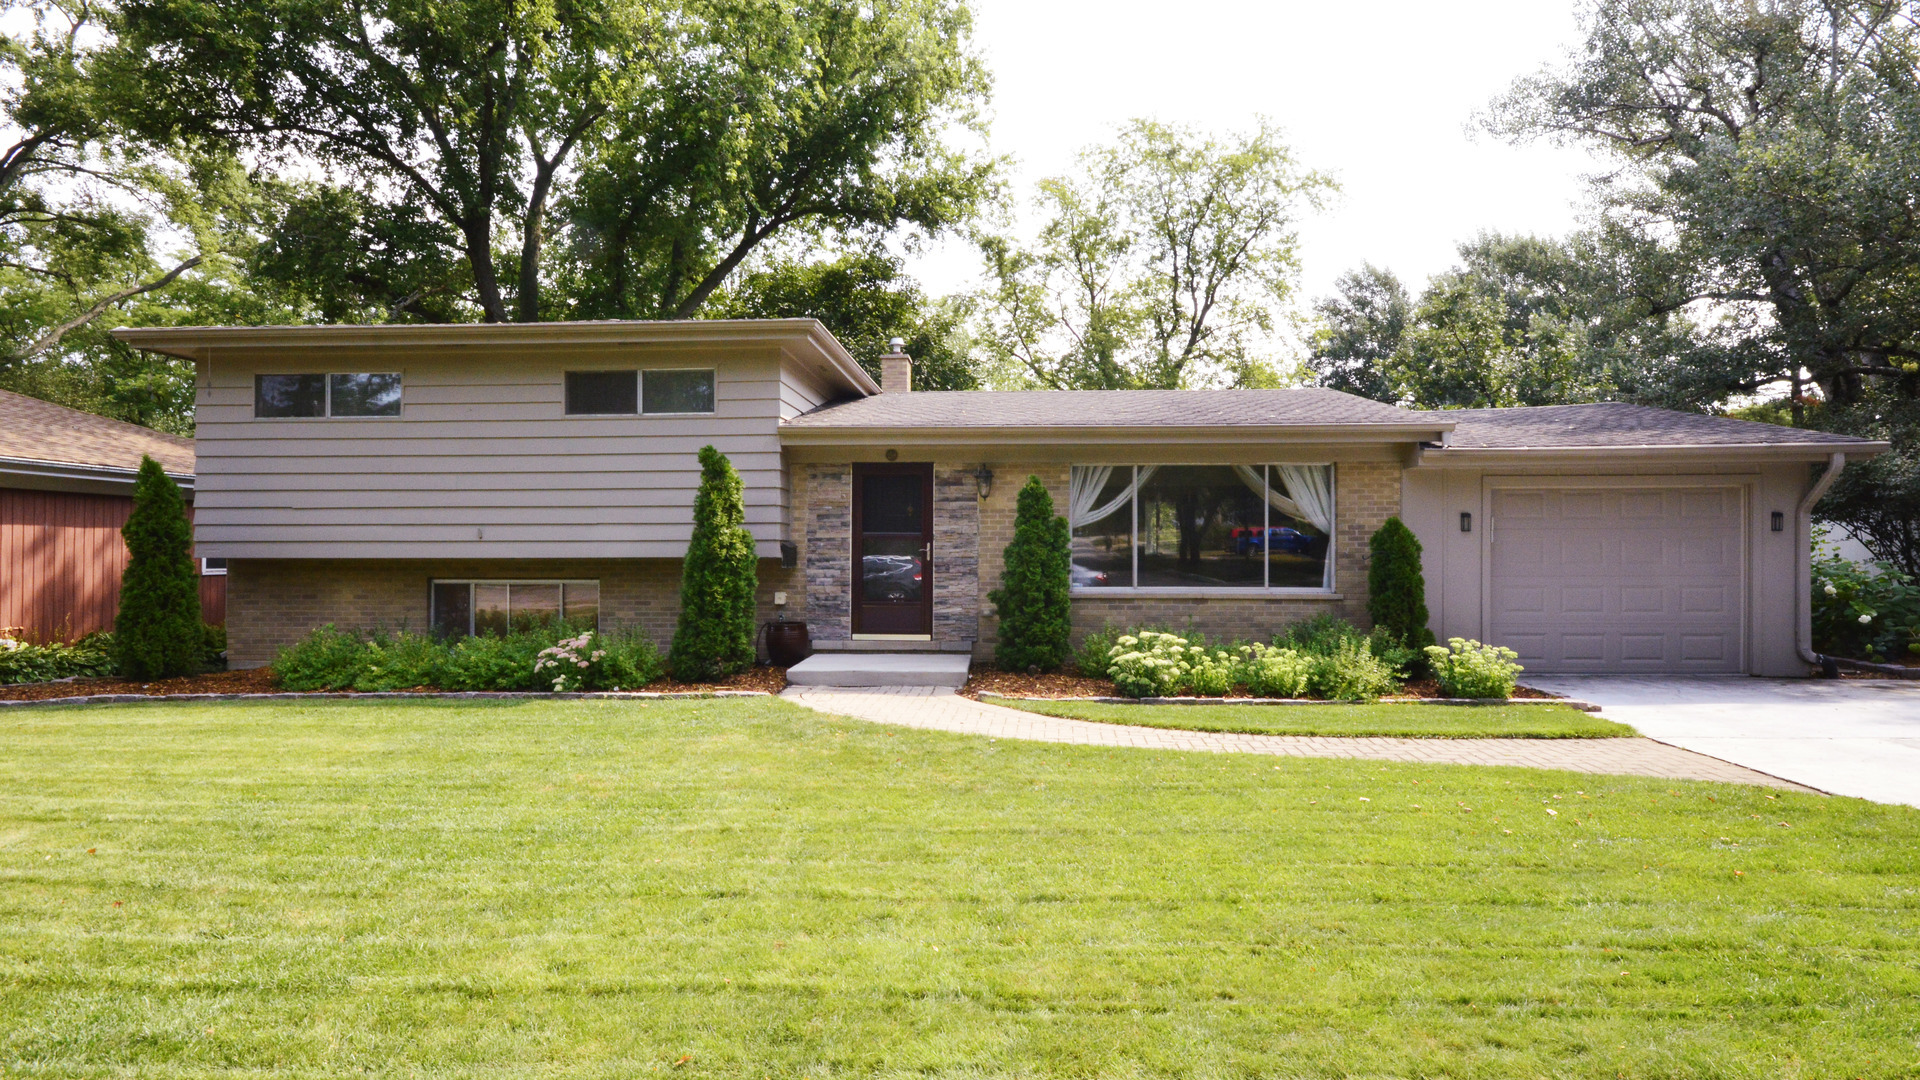 159 Maple ,Palatine, Illinois 60067